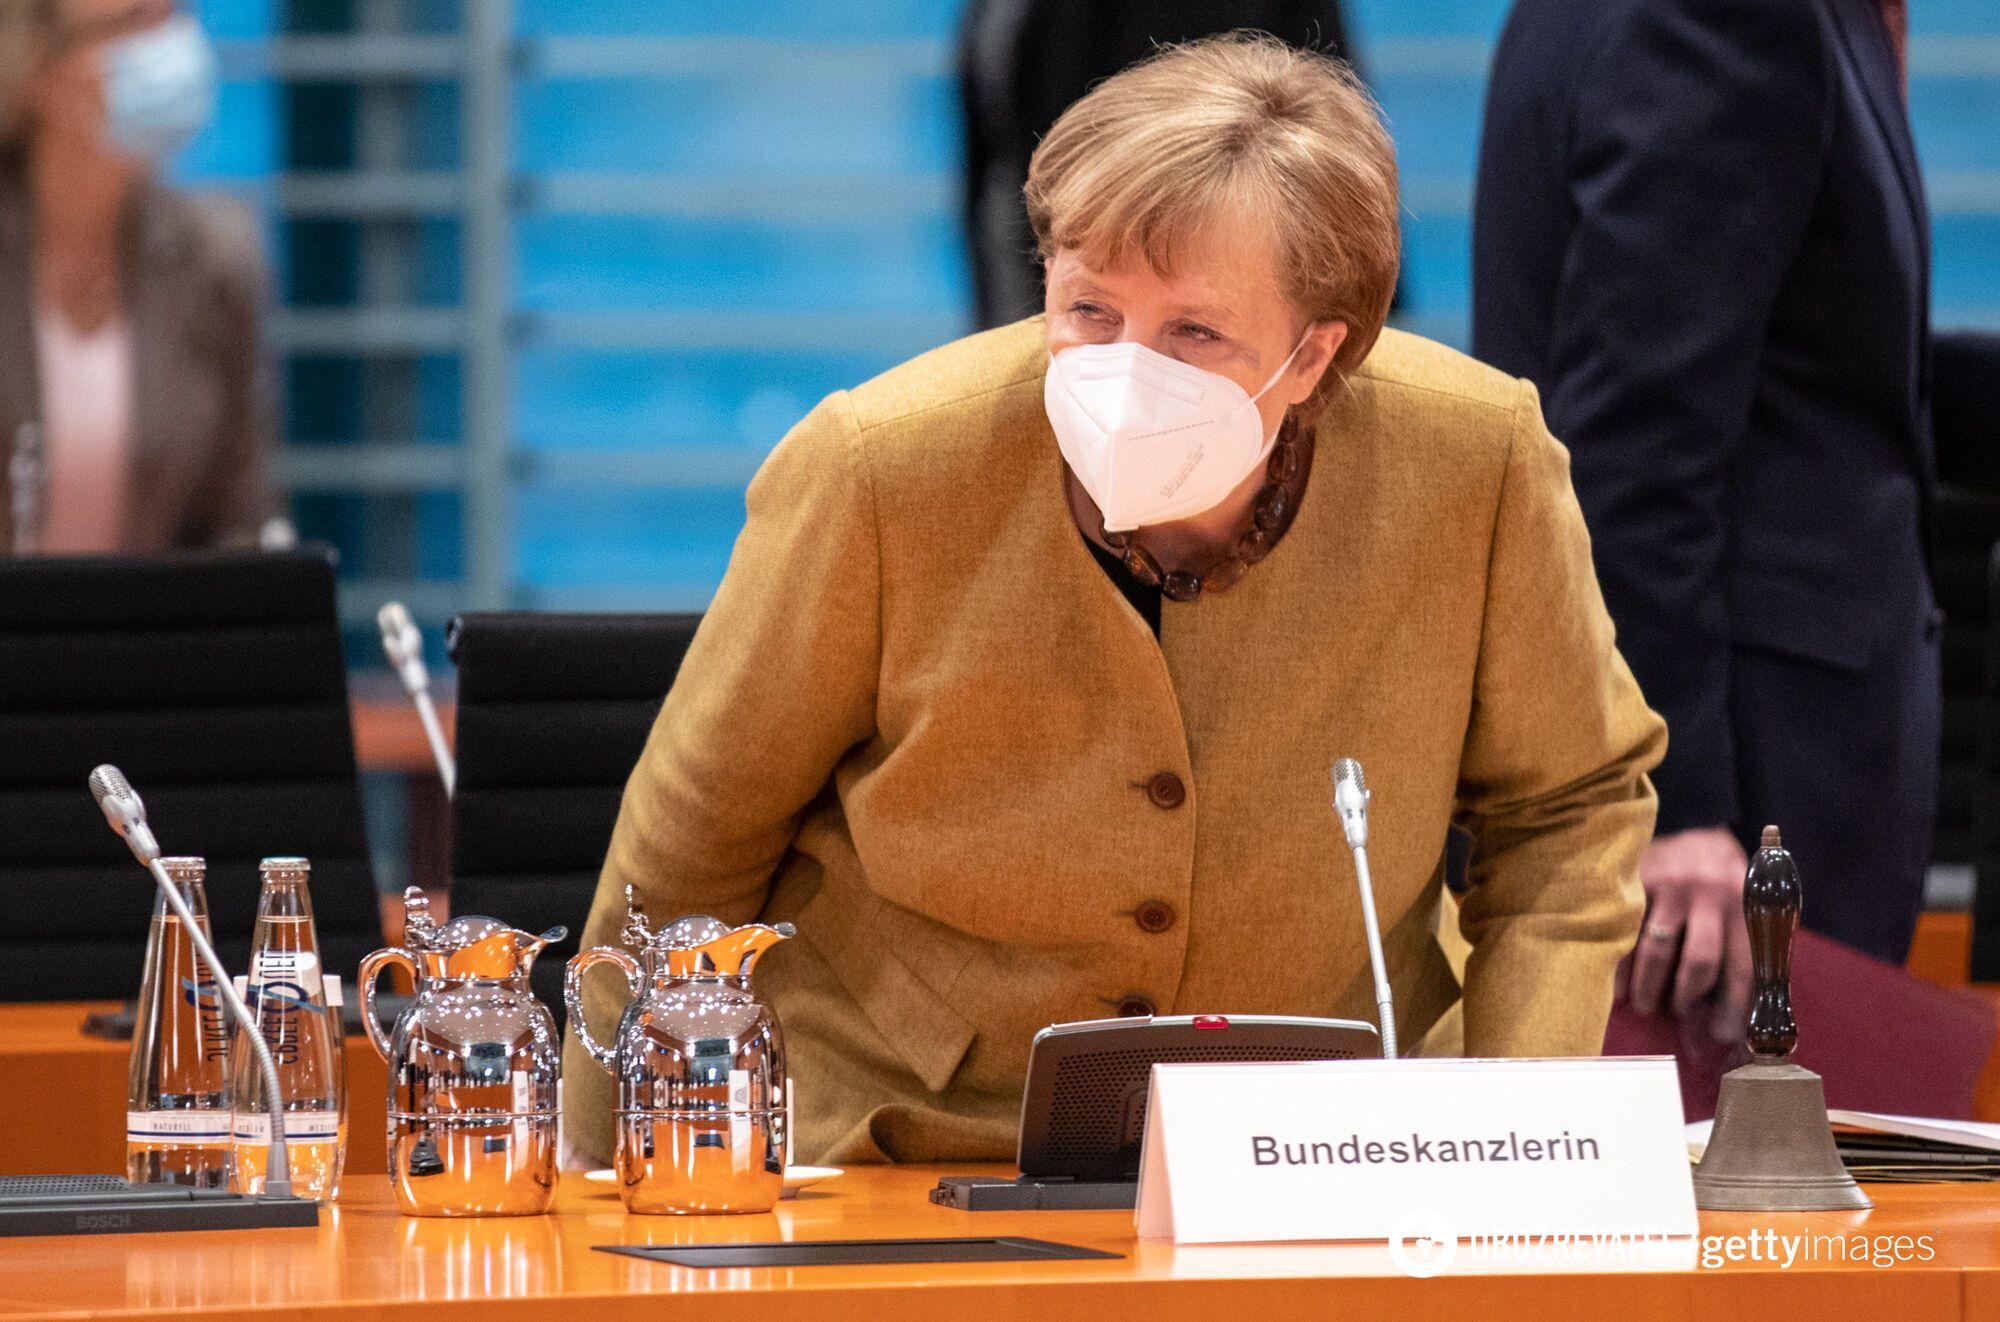 Ангела Меркель появилась в горчичном жакете.